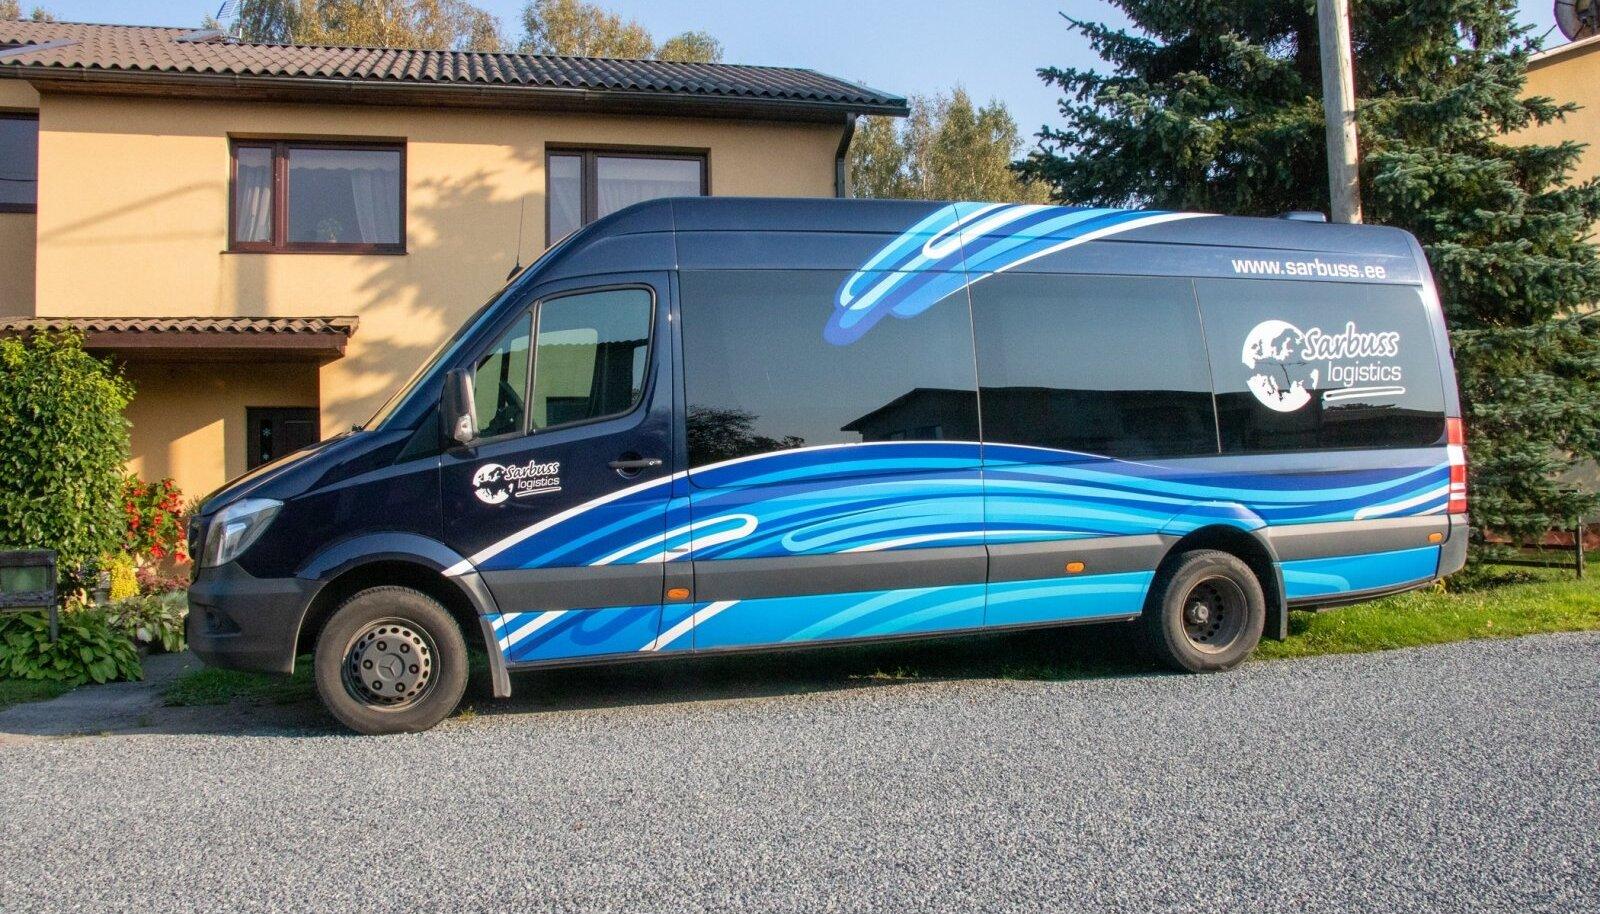 Praegu inimesi 16-kohaliste bussidega vedava Sarbuss Logisticsi bussidel on koduleheks märgitud www.sarbuss.ee, millele minnes näeb veateadet.